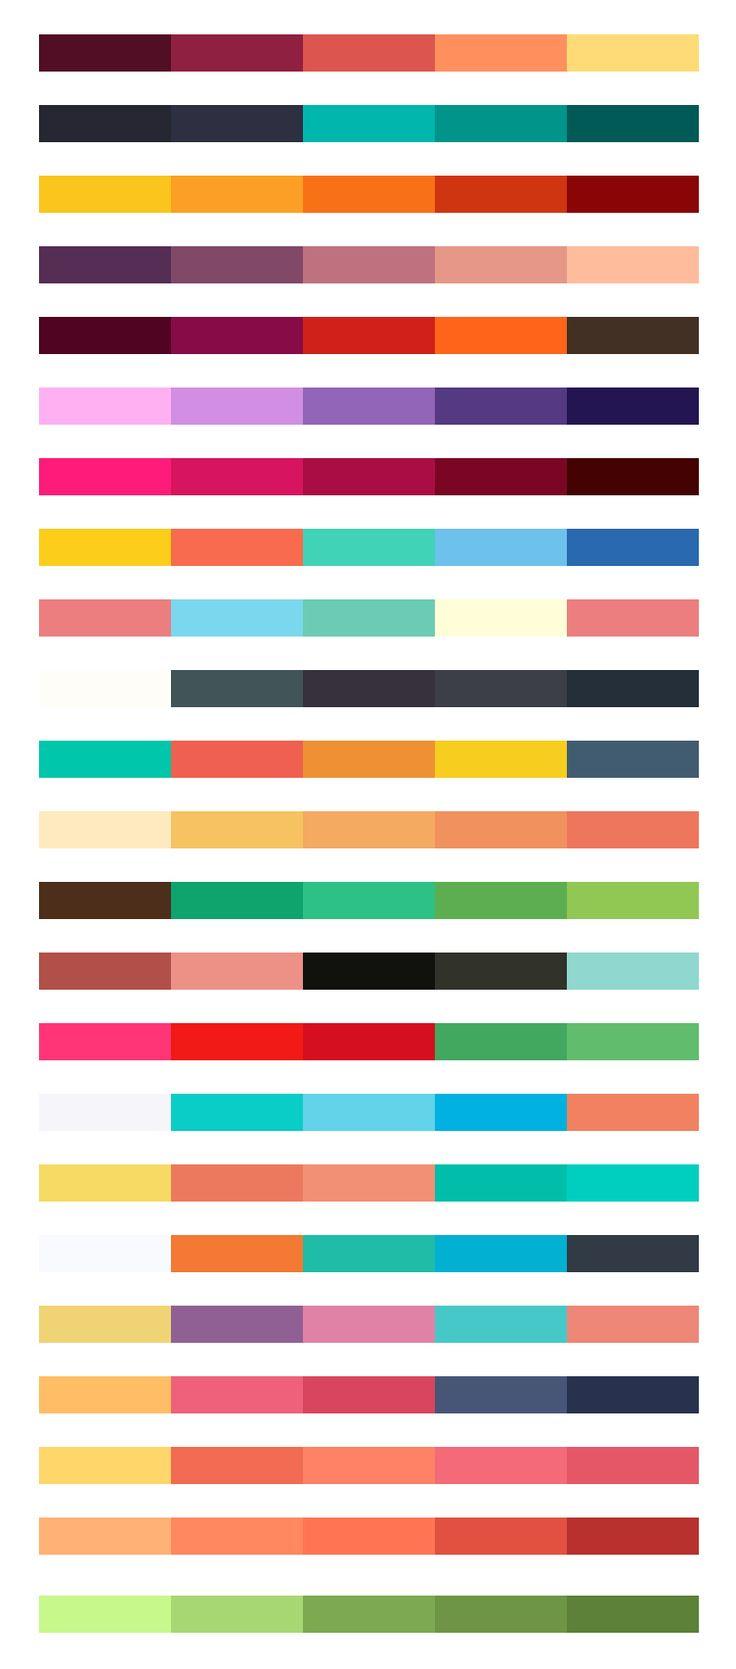 Flat UI Renk Örnekleri - 23 Renk